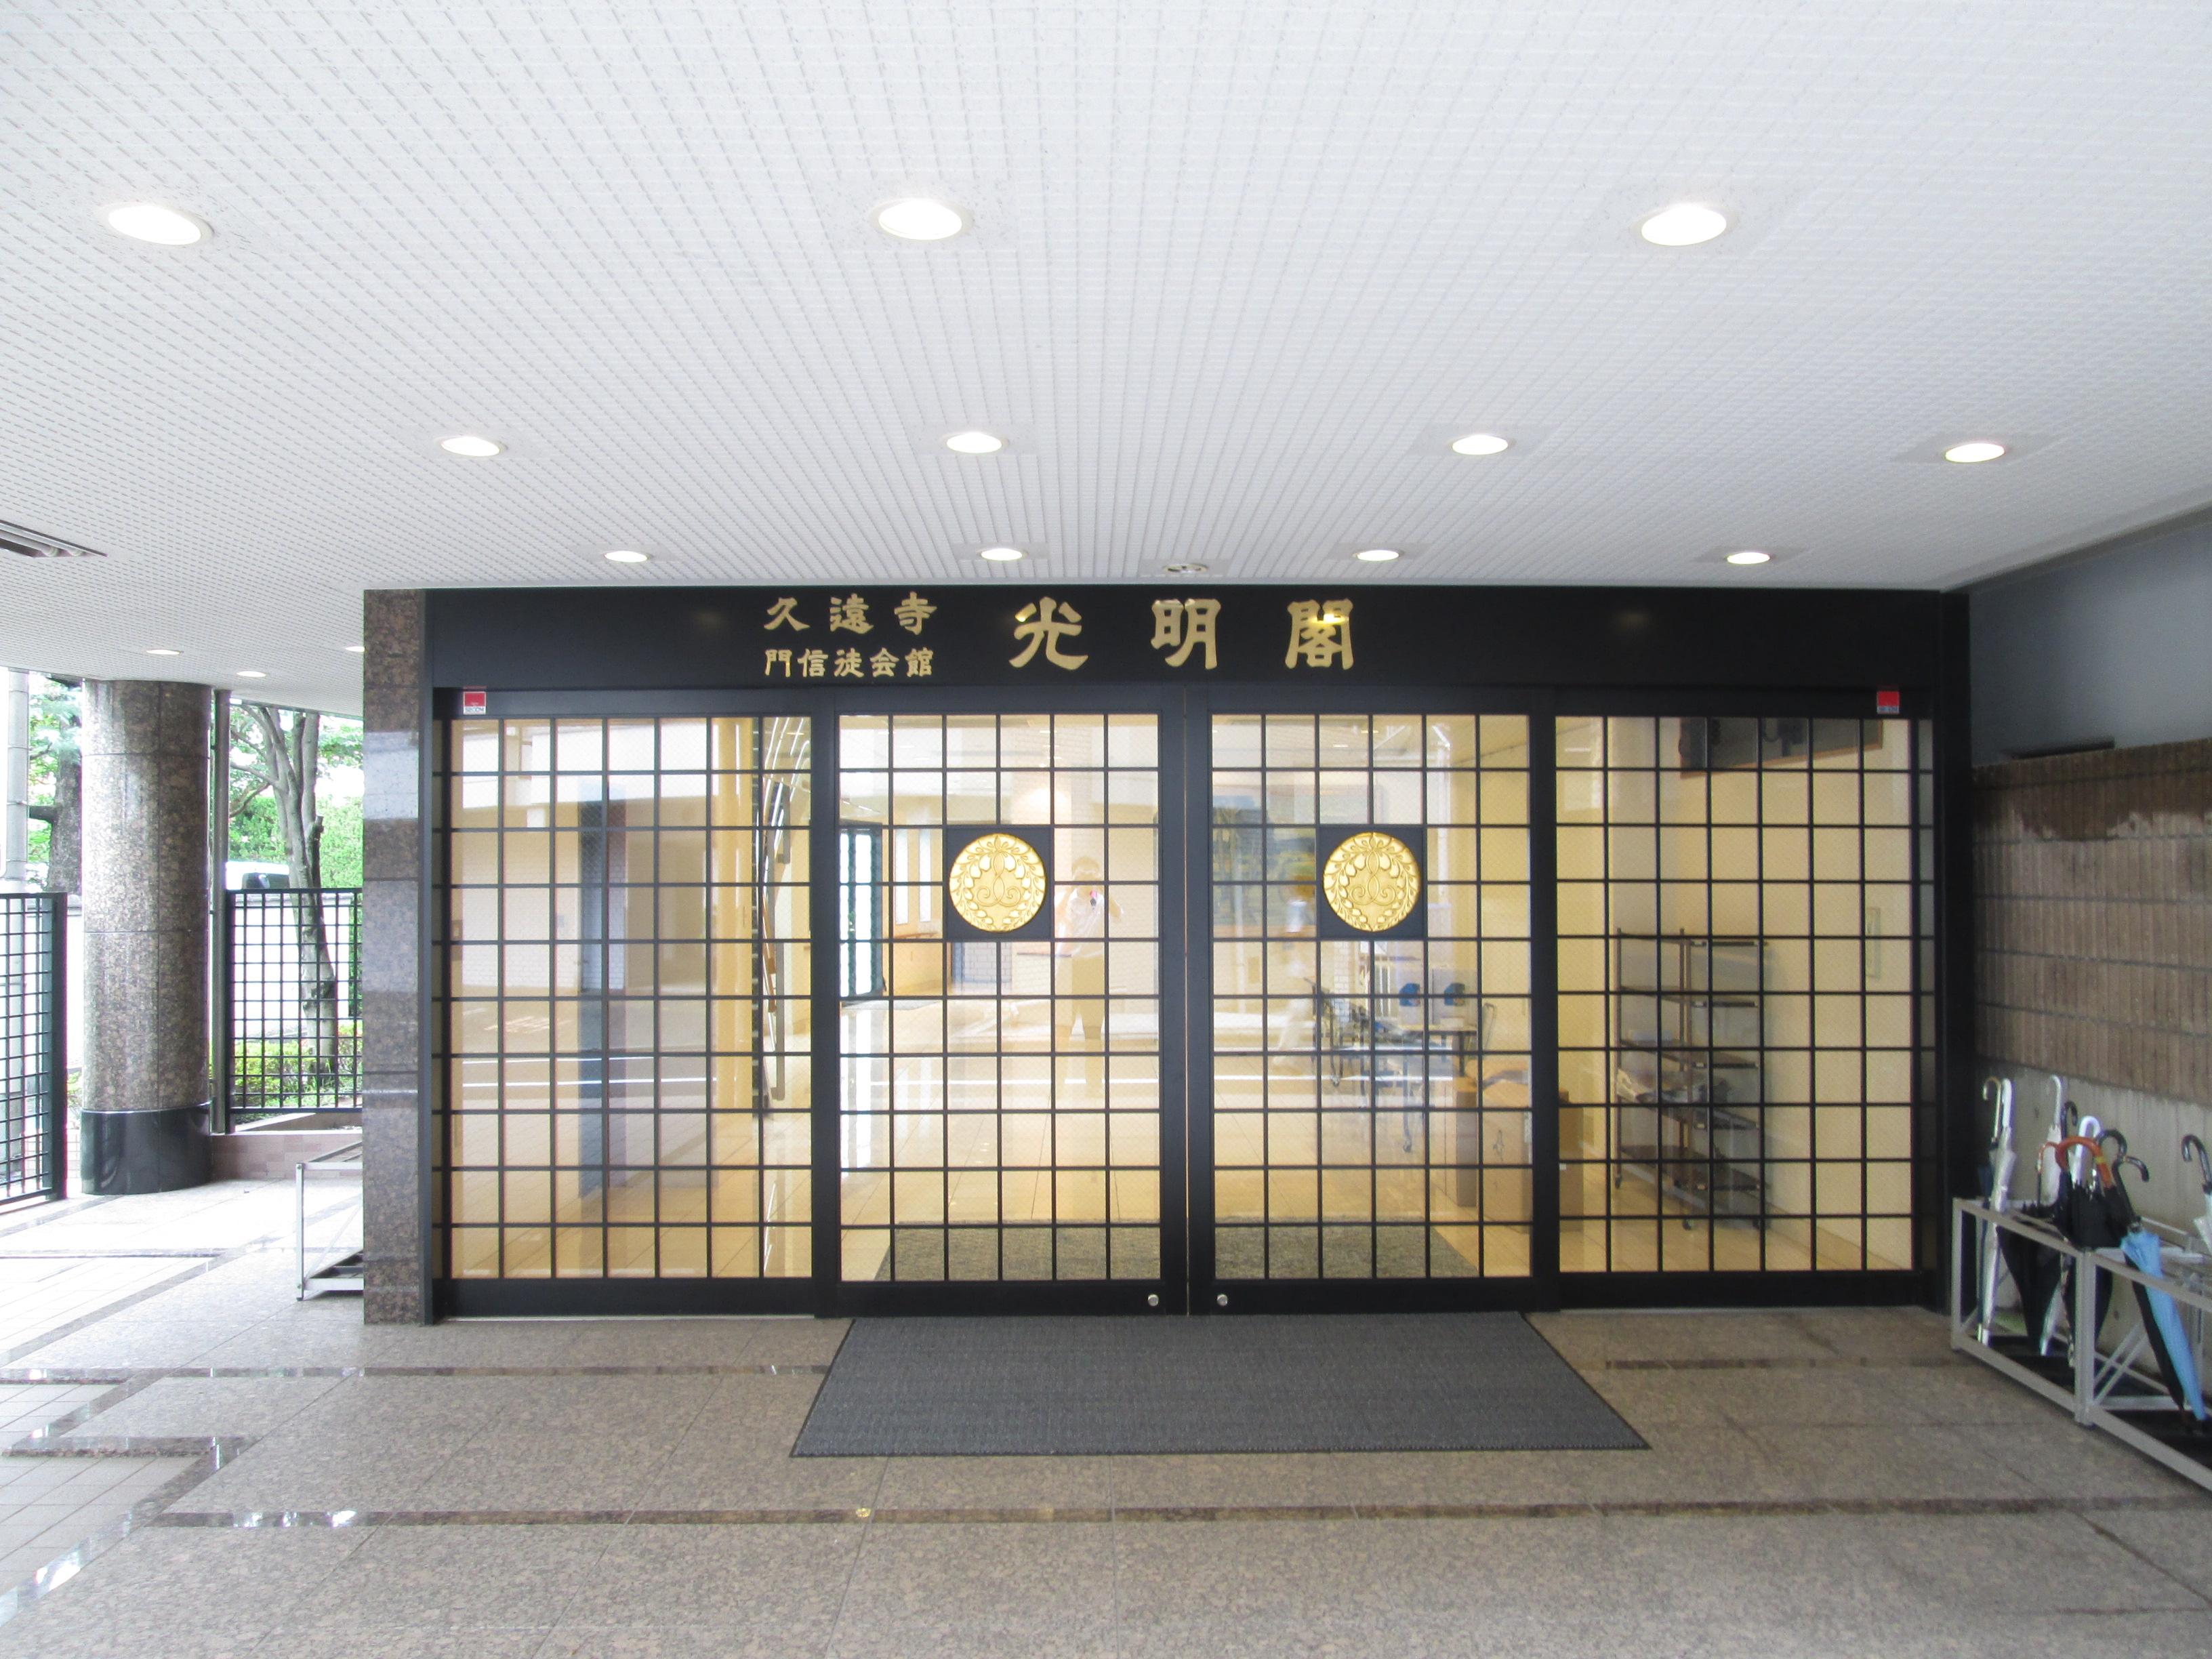 久遠寺 光明閣